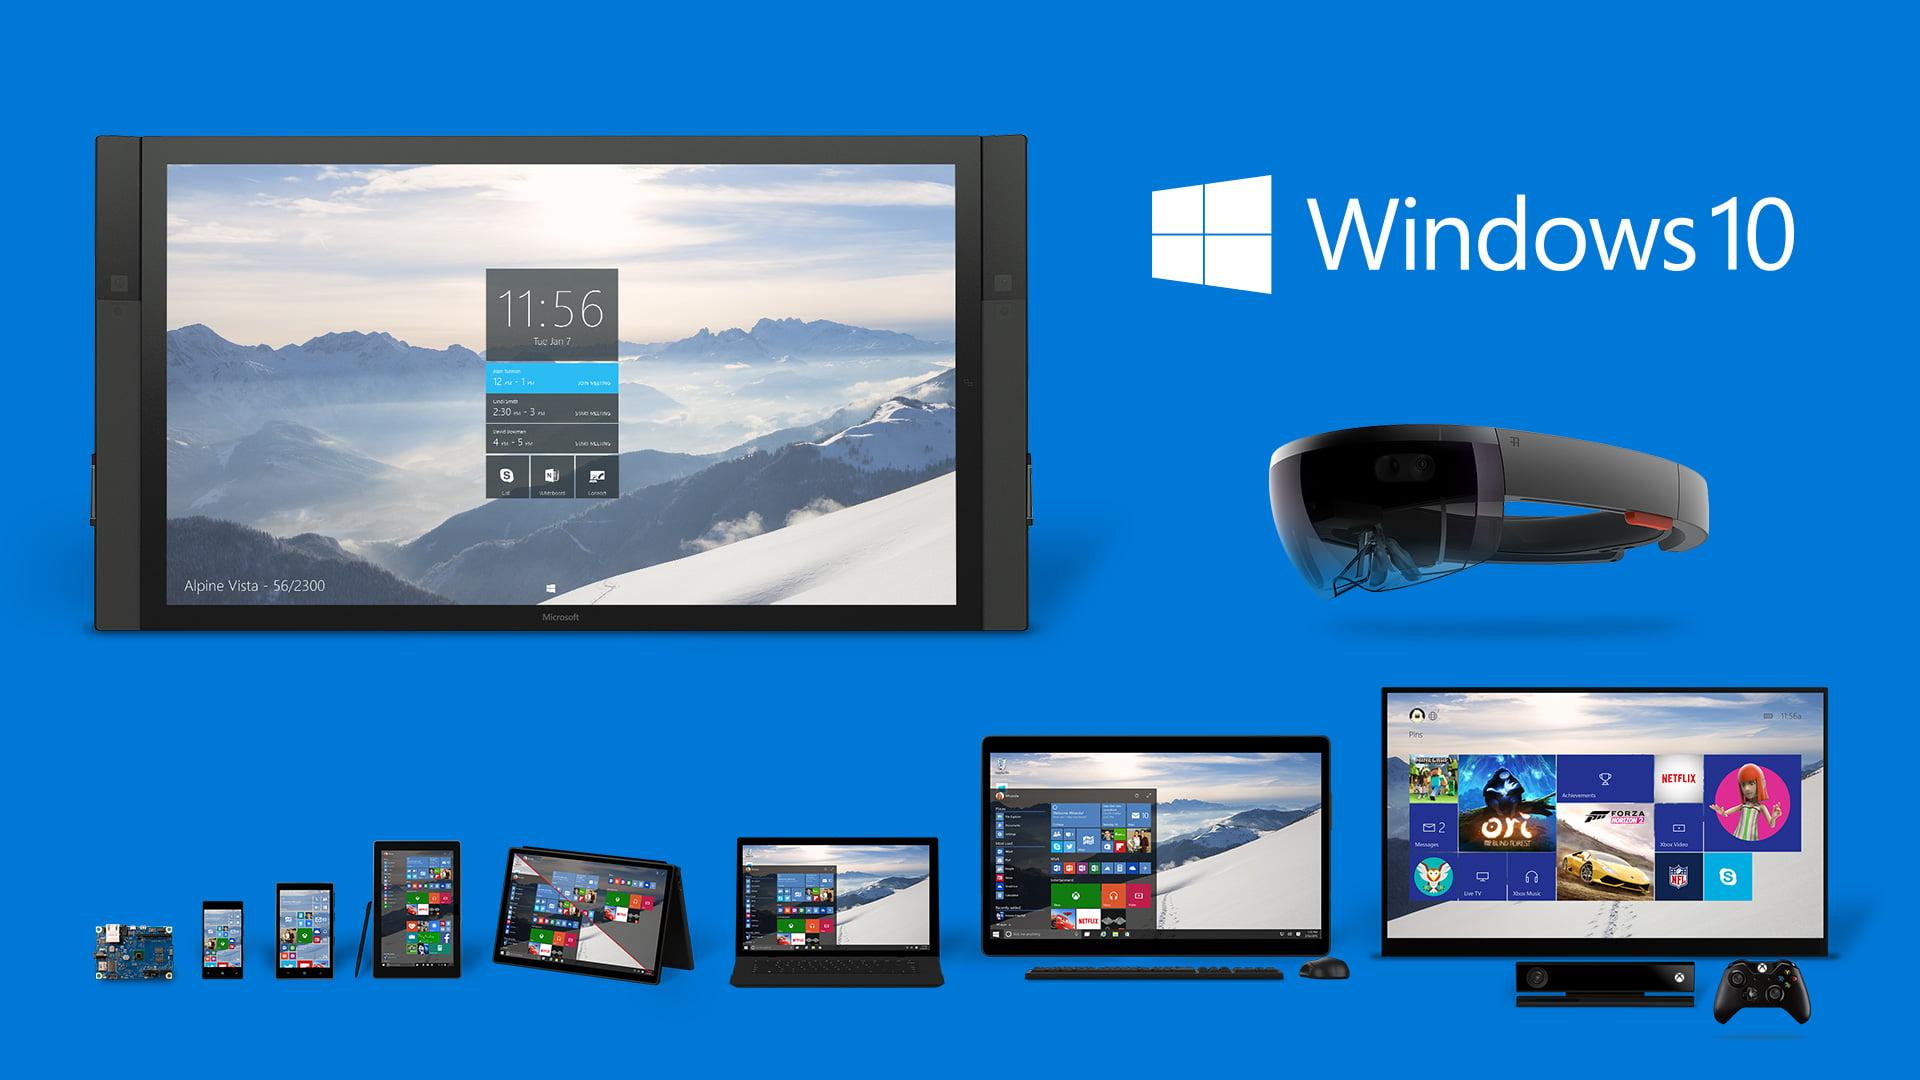 Πώς να κάνετε δωρεάν αναβάθμιση τα Windows 10; (Βίντεο)